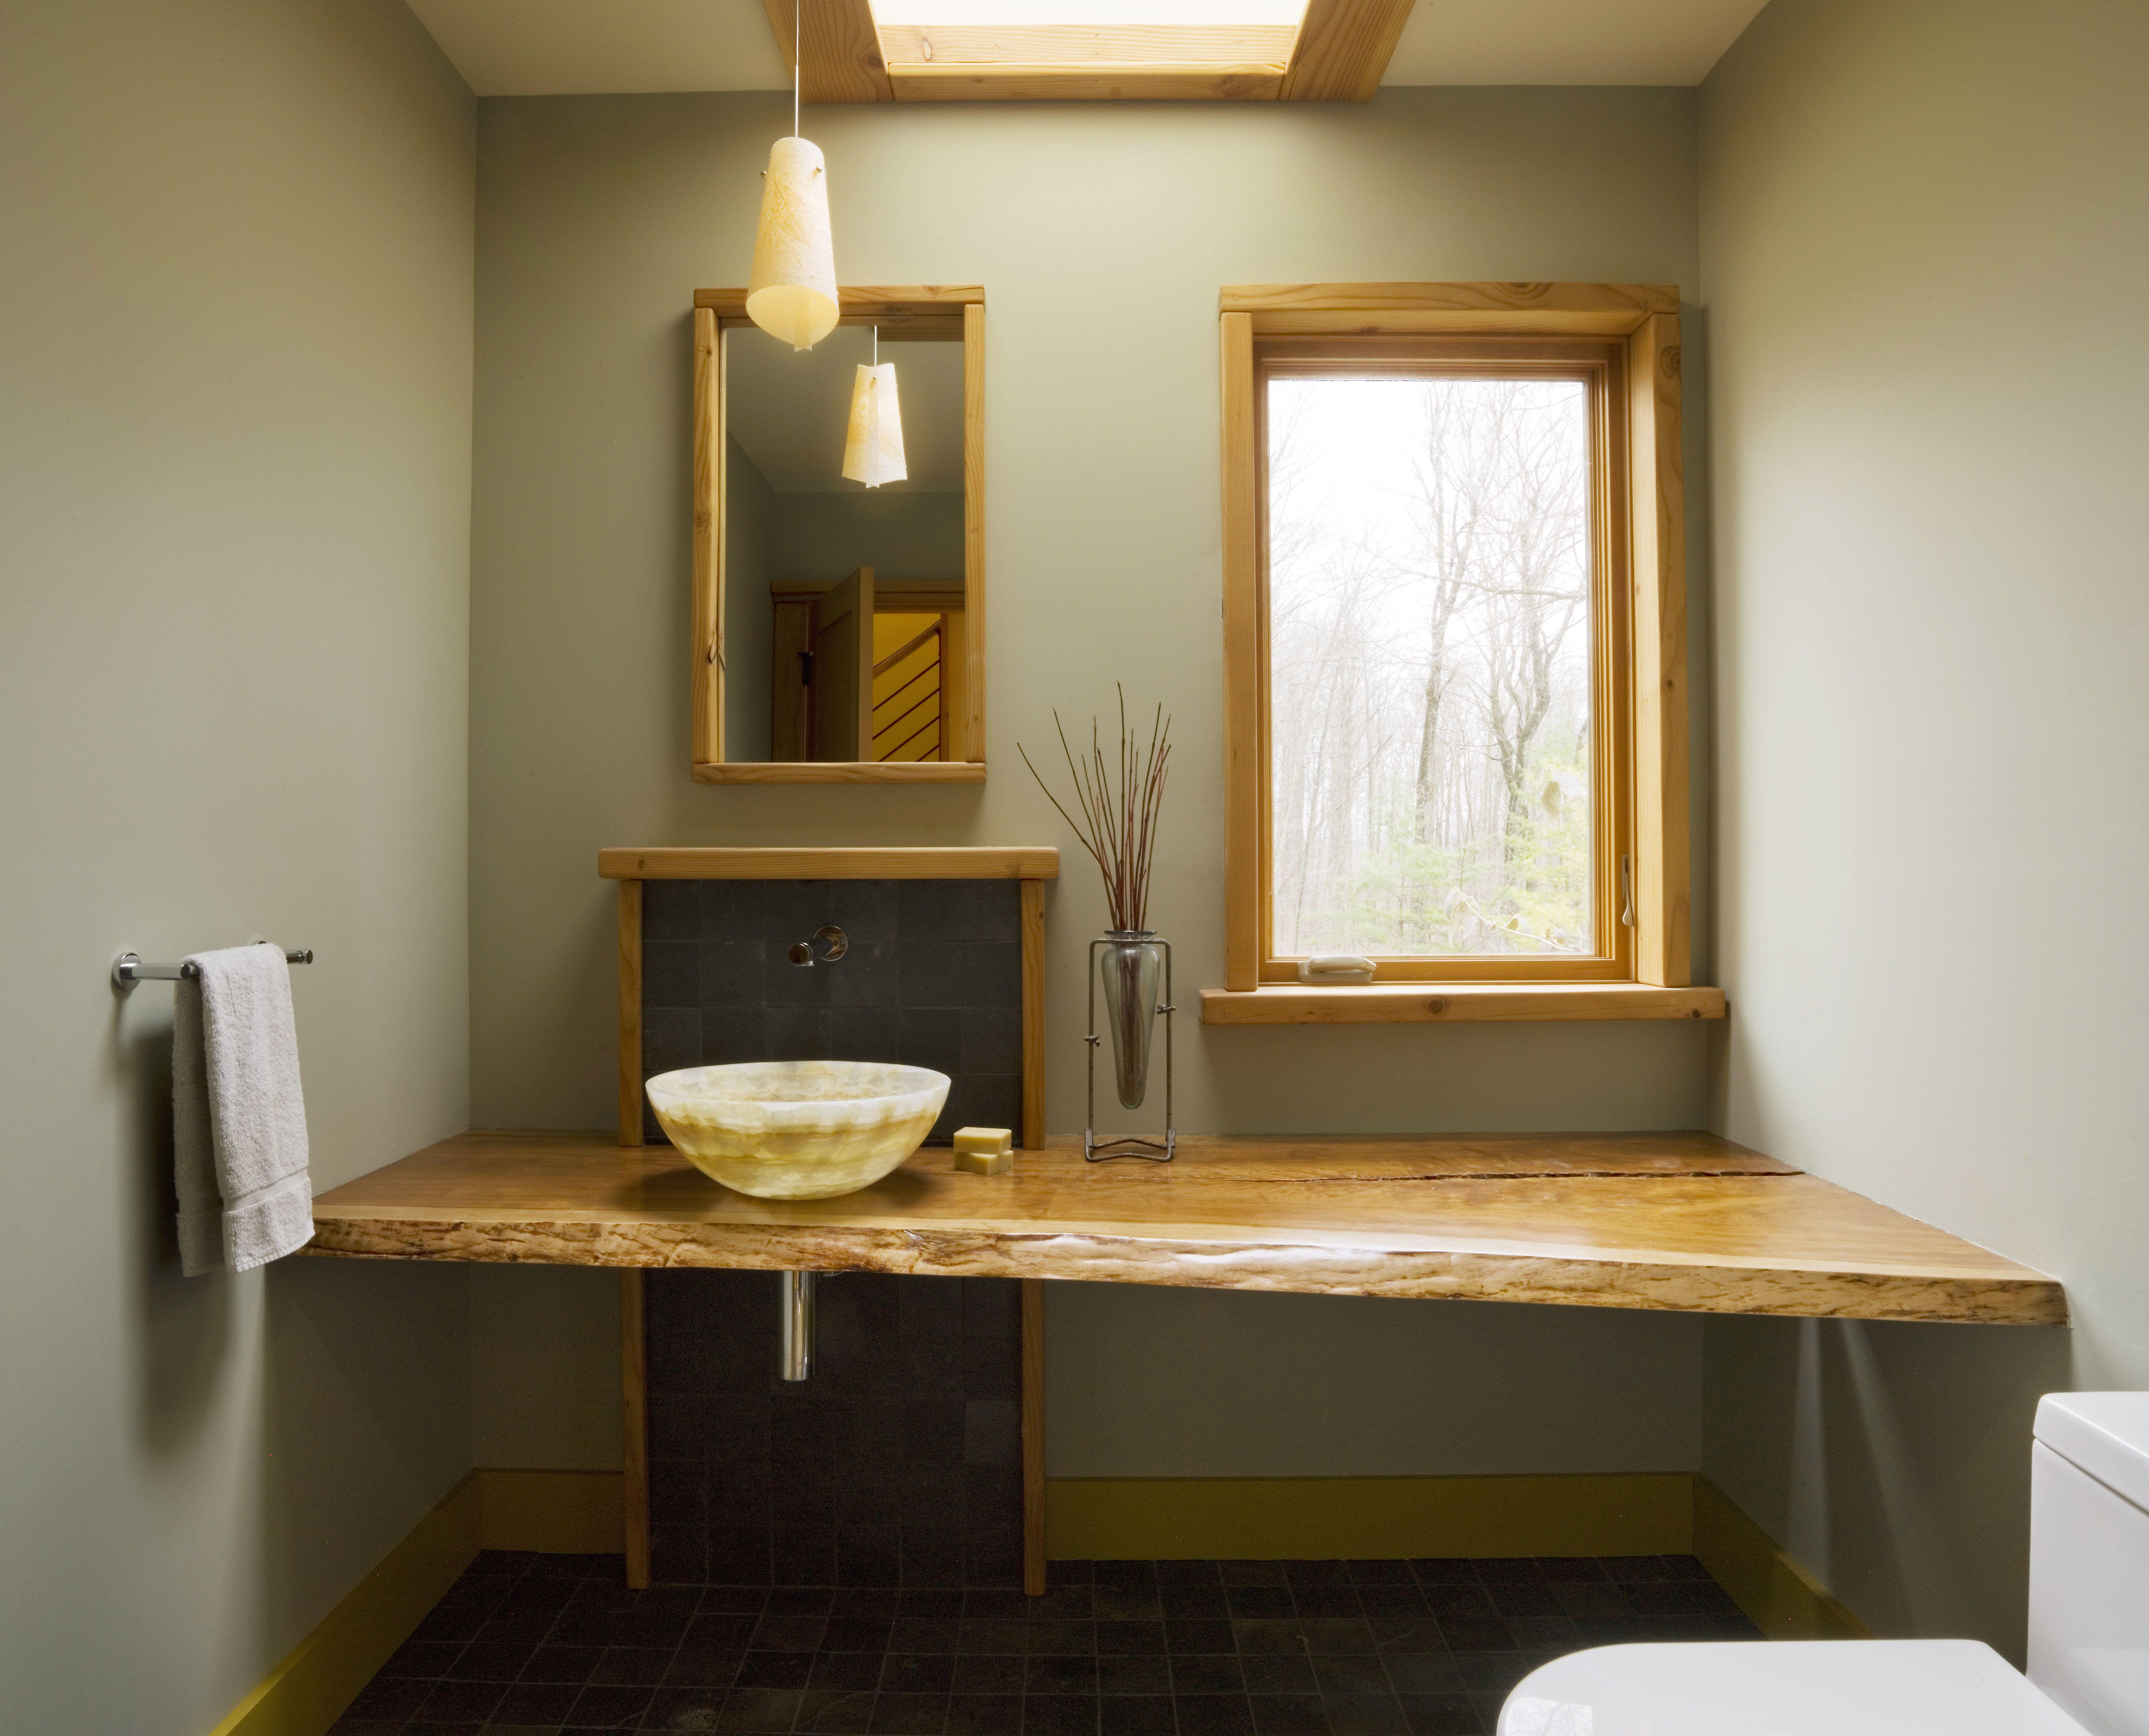 Ausgezeichnet Küche Und Bad Design Jobs Toronto Fotos - Ideen Für ...